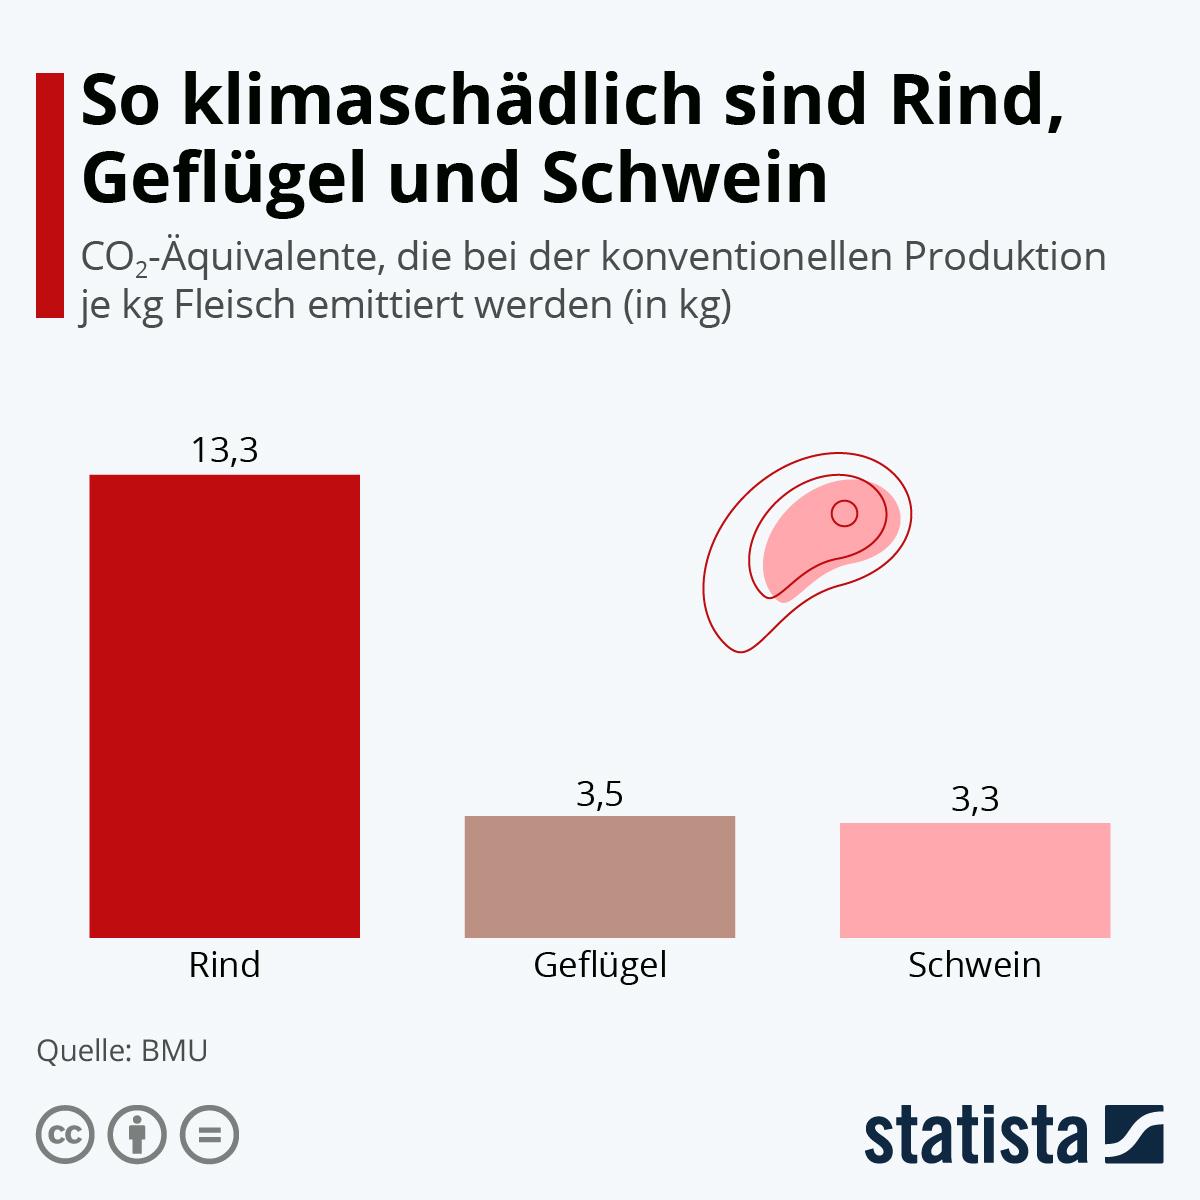 Infografik: So klimaschädlich sind Rind, Geflügel und Schwein | Statista